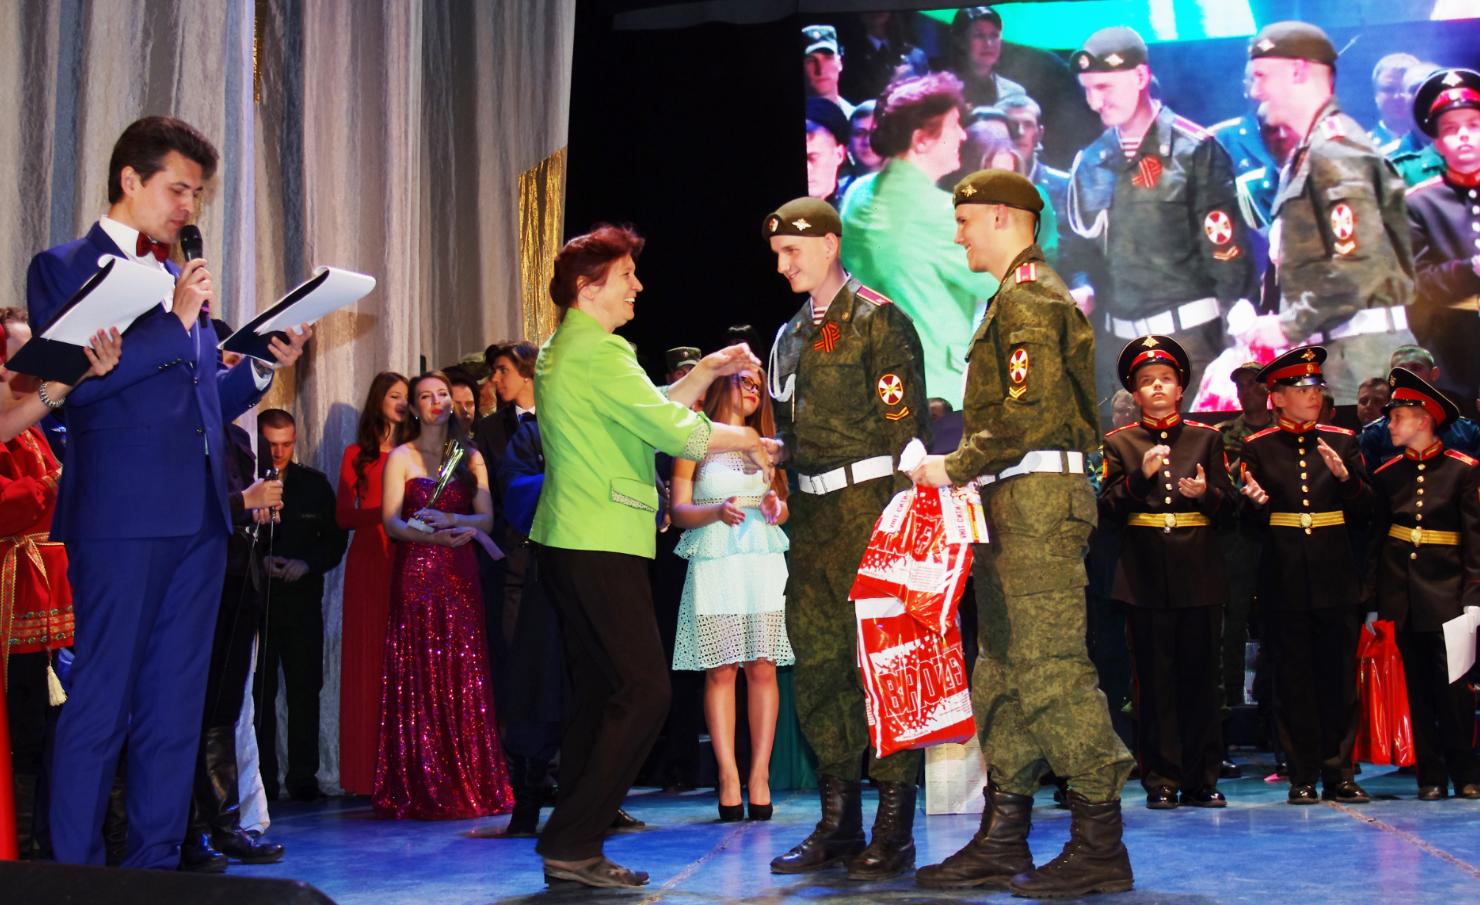 округа, «когда, поют, солдаты», военного, центрального, фестиваль, армейской, песни